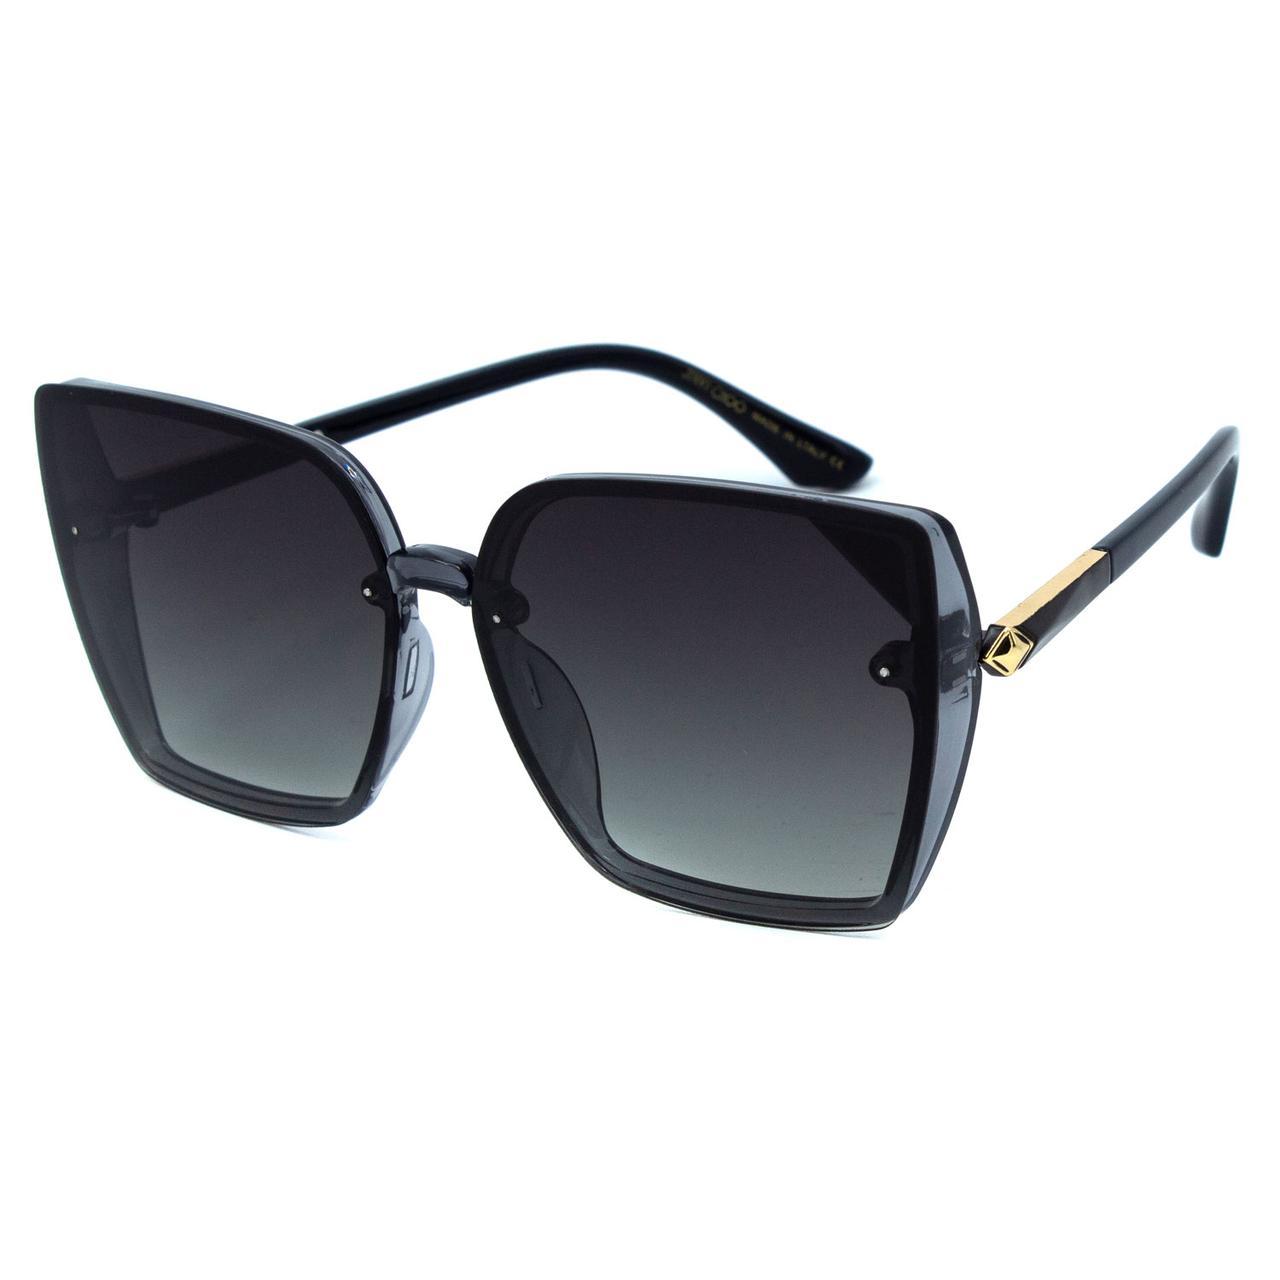 Сонцезахисні окуляри JC R9965 C5 сірі ( R9965-05 )